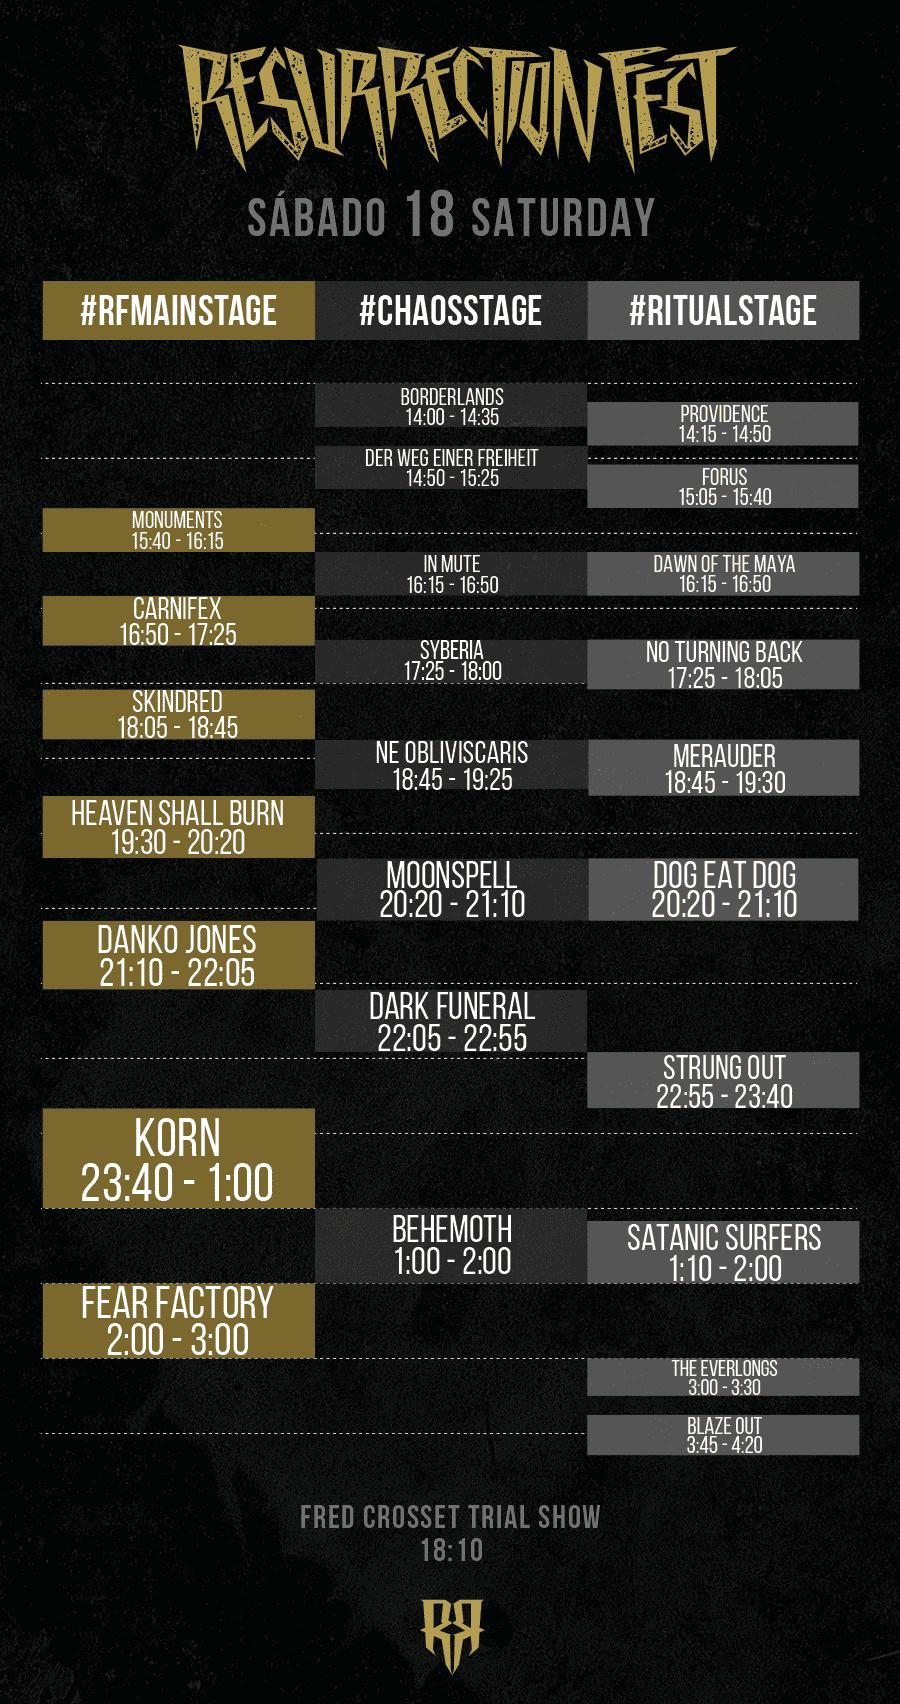 Resurrection Fest 2015 - Running Order - 18